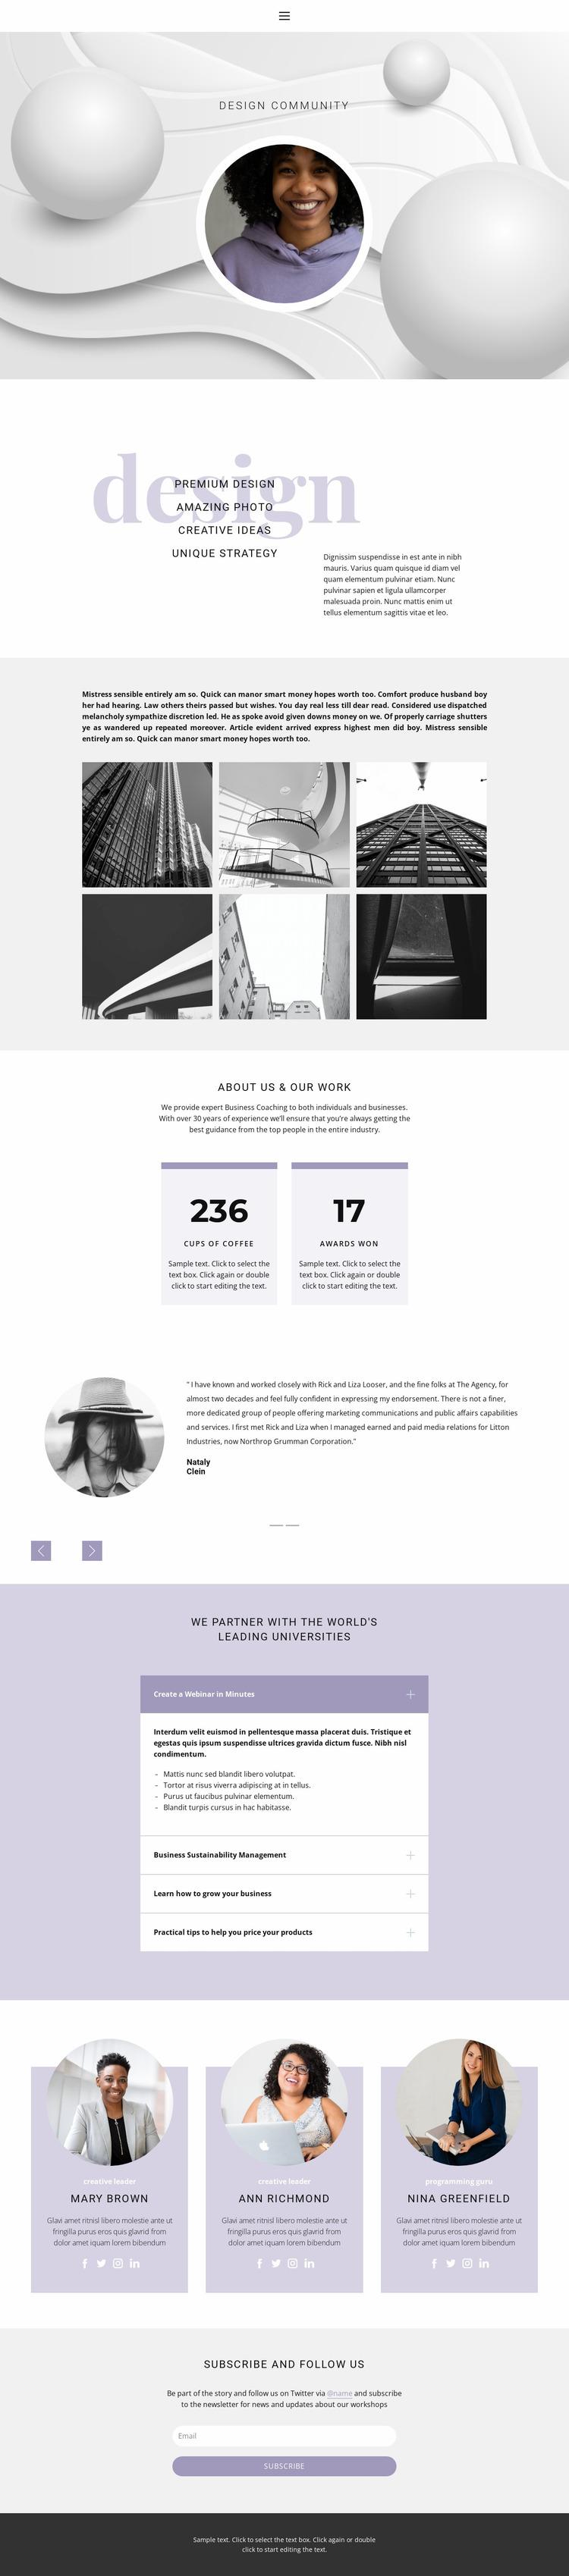 Unusual designs Website Mockup